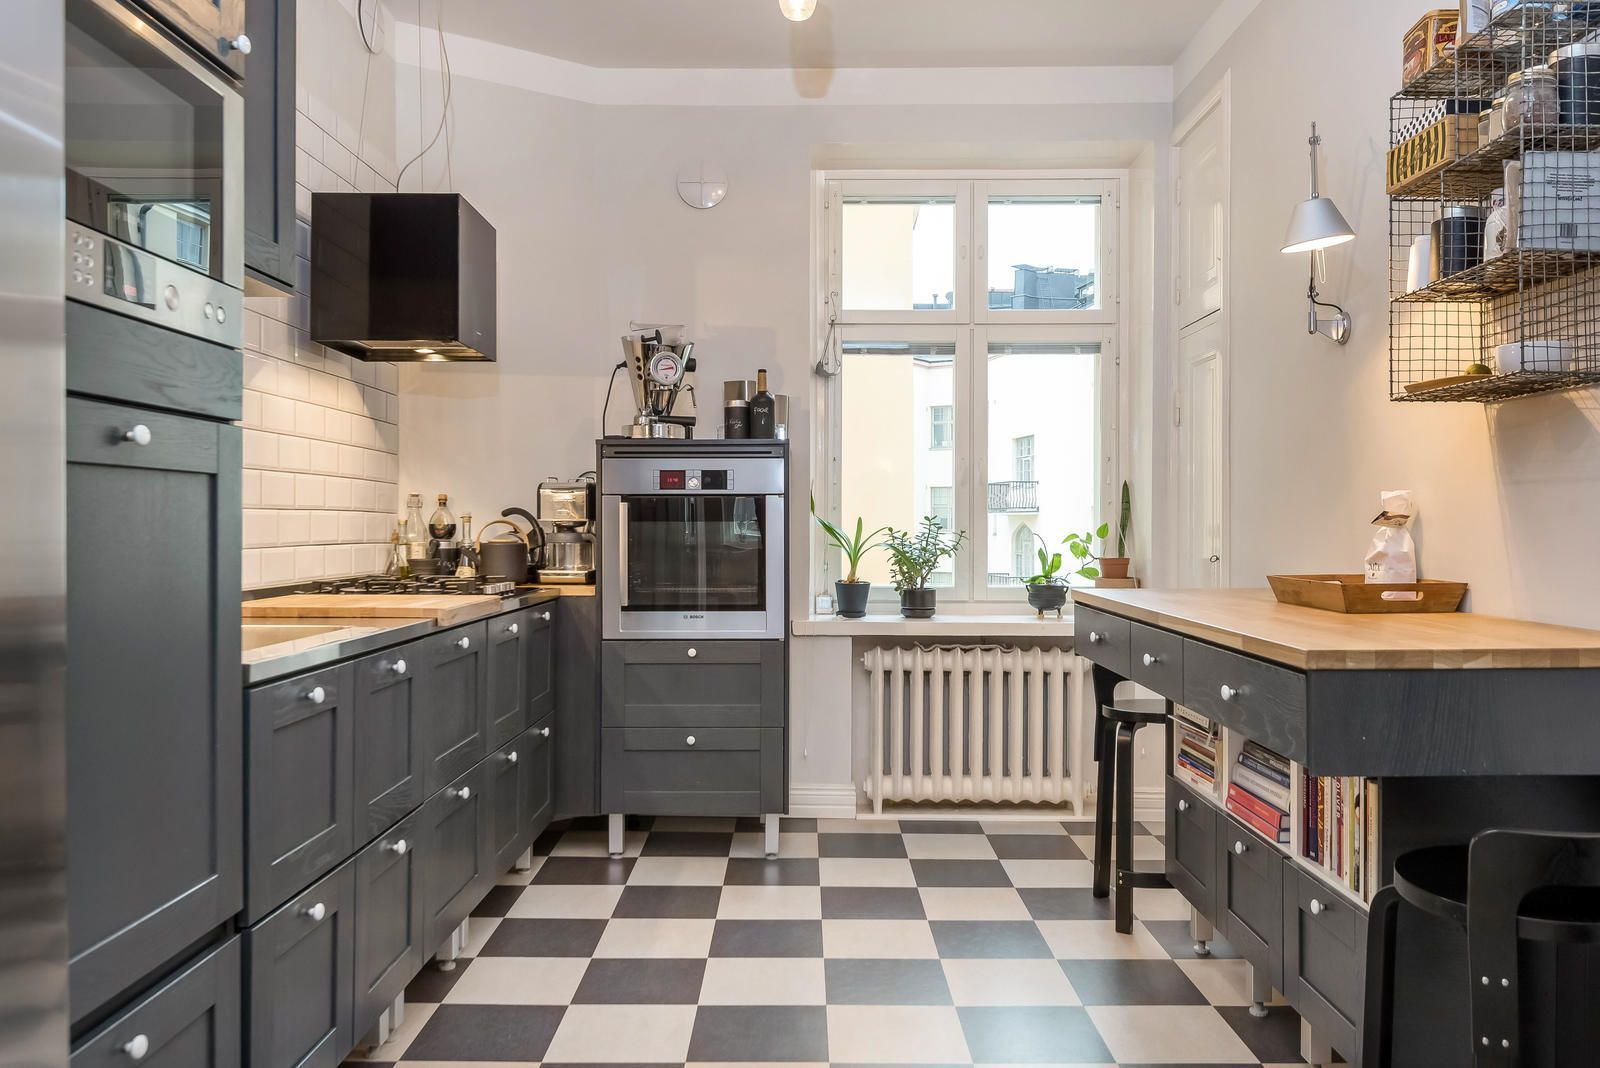 klassinen sisustus keittiössä